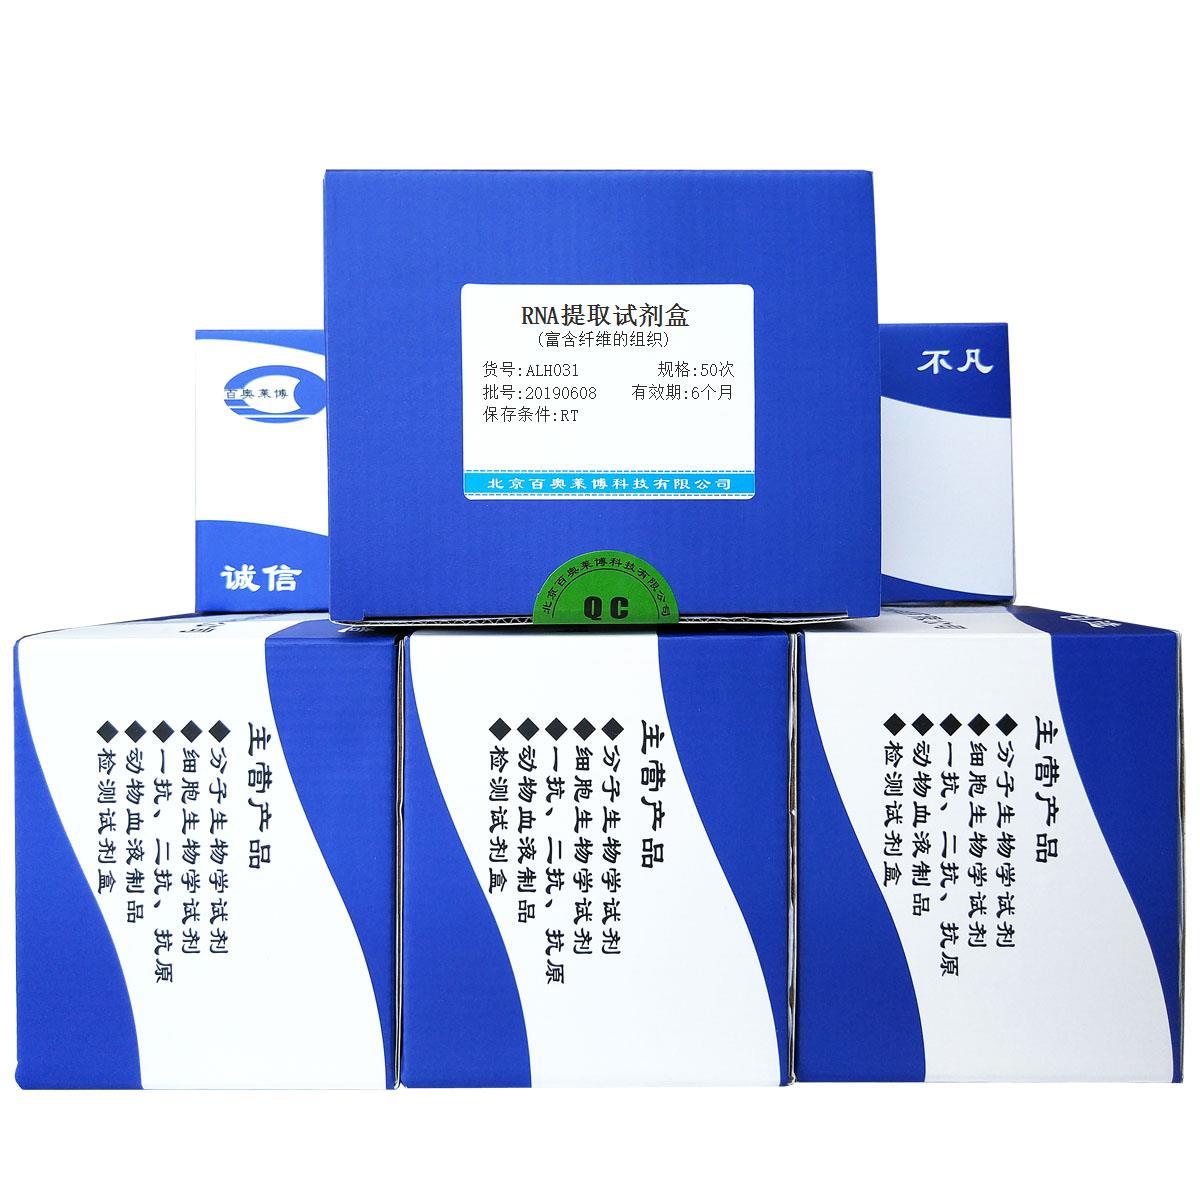 RNA提取试剂盒(富含纤维的组织)优惠促销